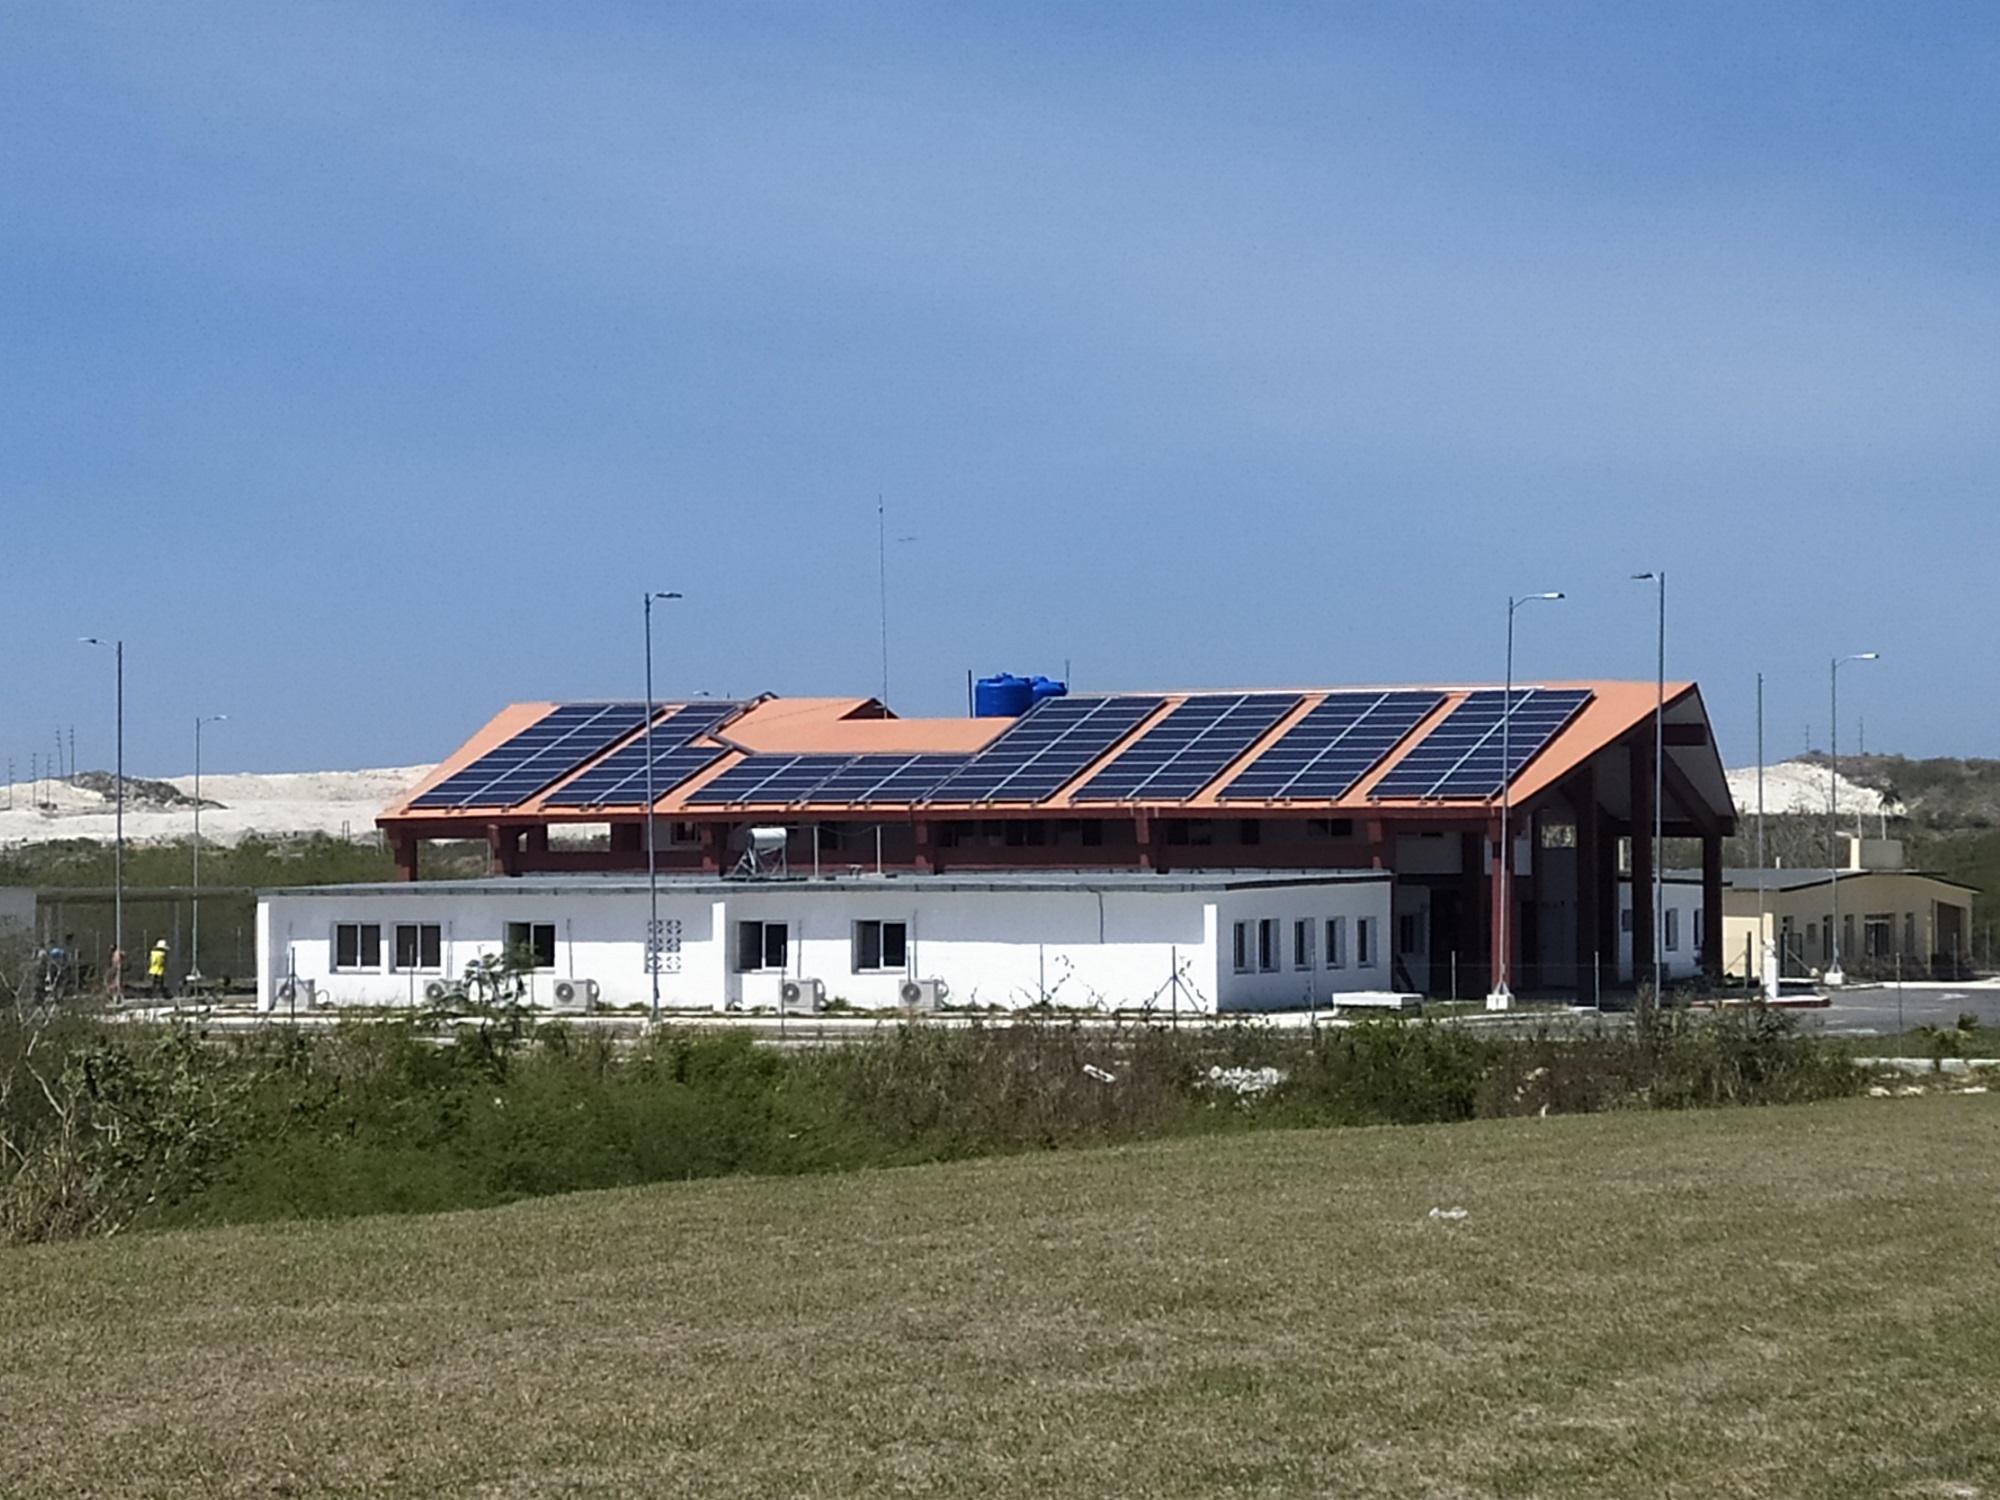 système photovoltaïque sur le toit de la caserne